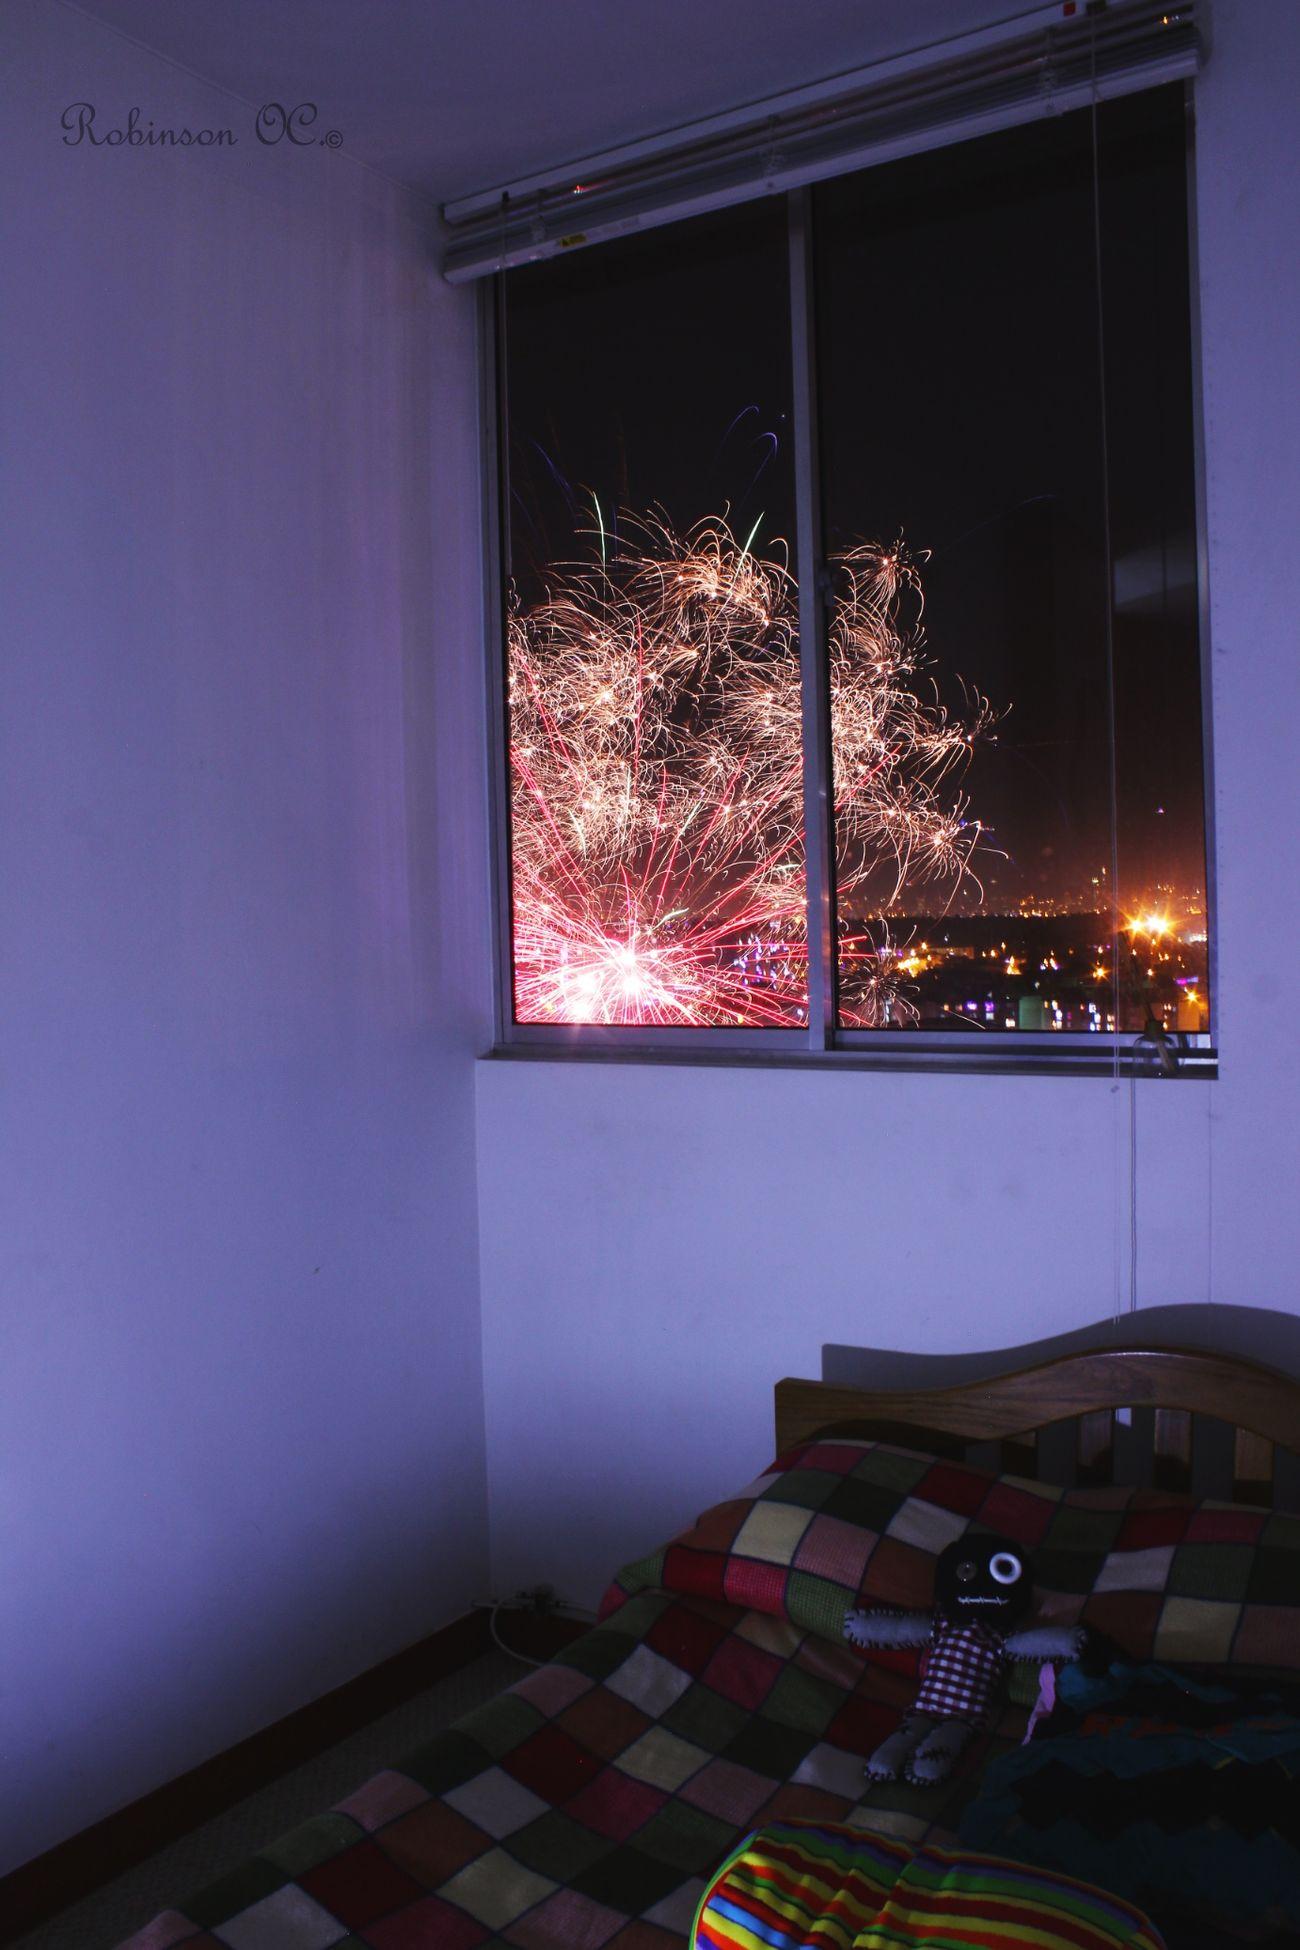 Noche De Velitas Fuegos Artificiales Ventana De Luz Luces De Navidad  Luces De Ciudad Taking Photos